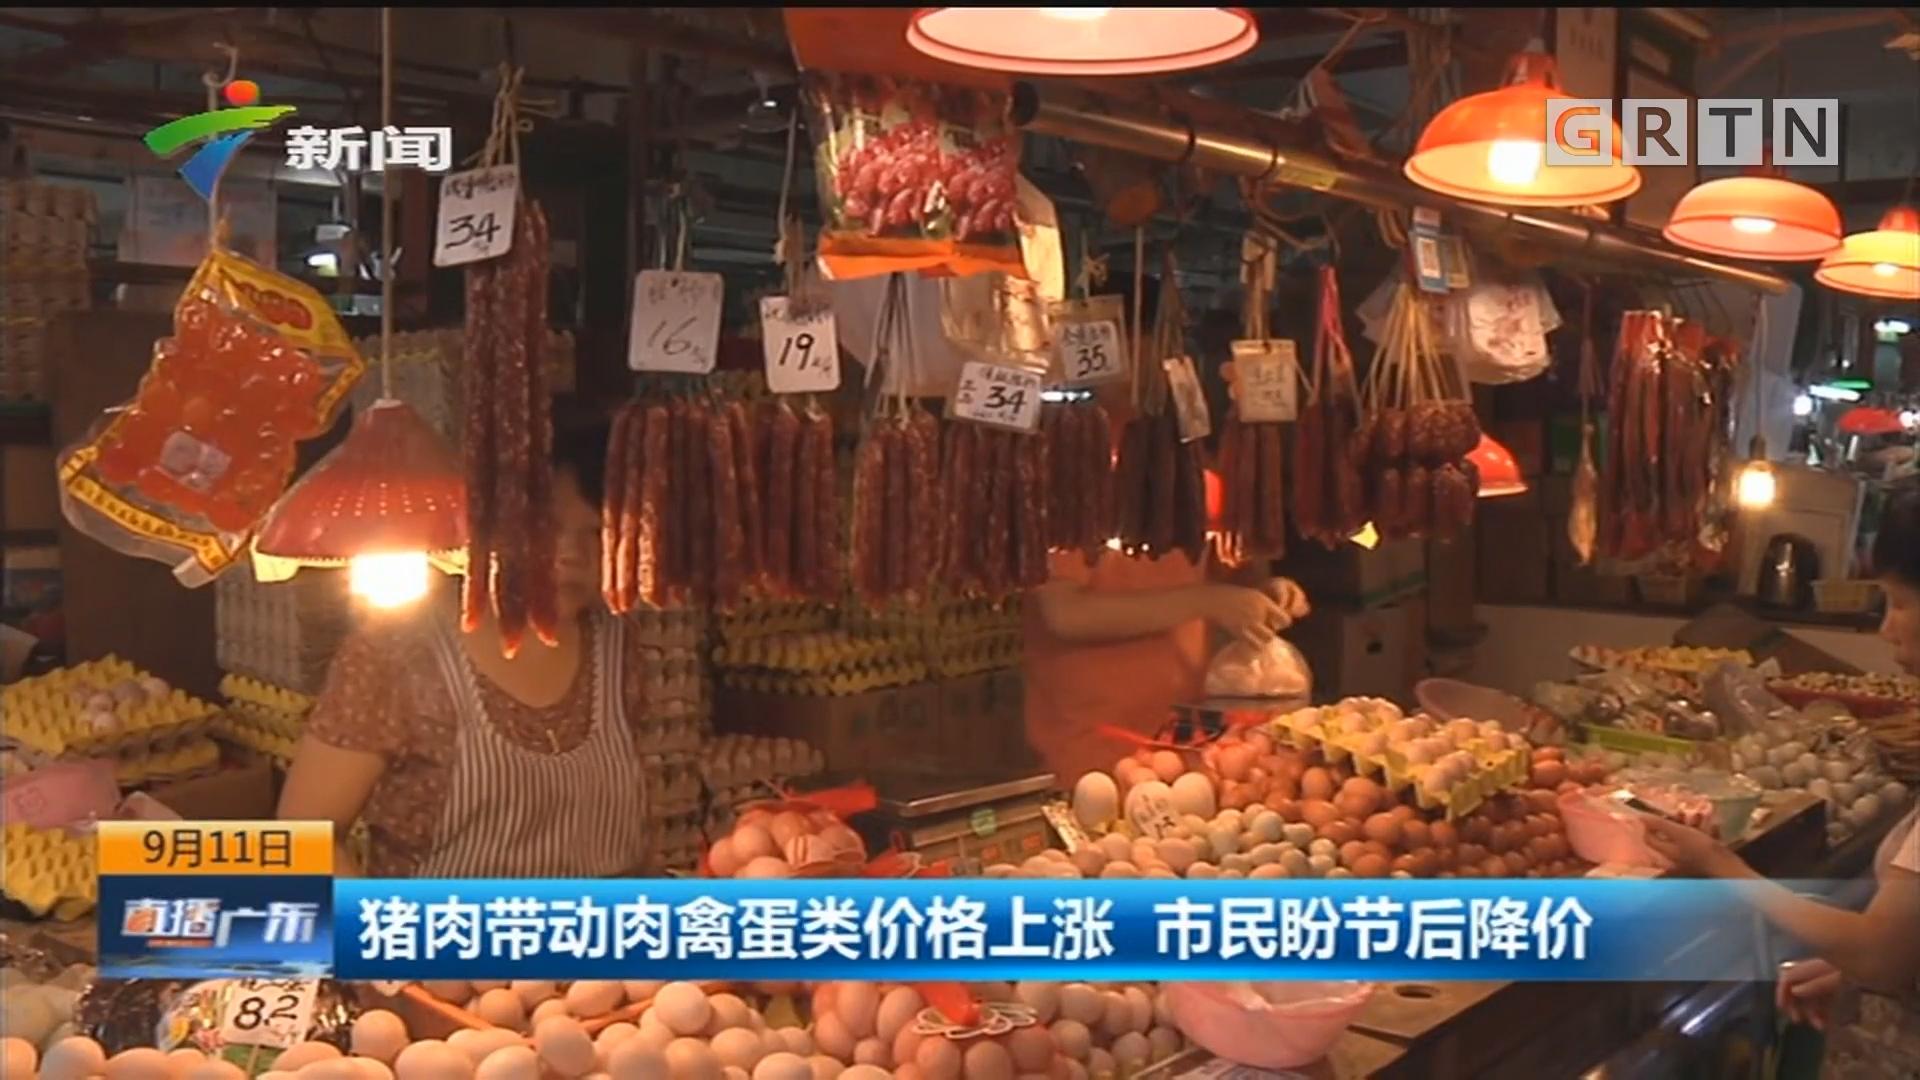 猪肉带动肉禽蛋类价格上涨 市民盼节后降价